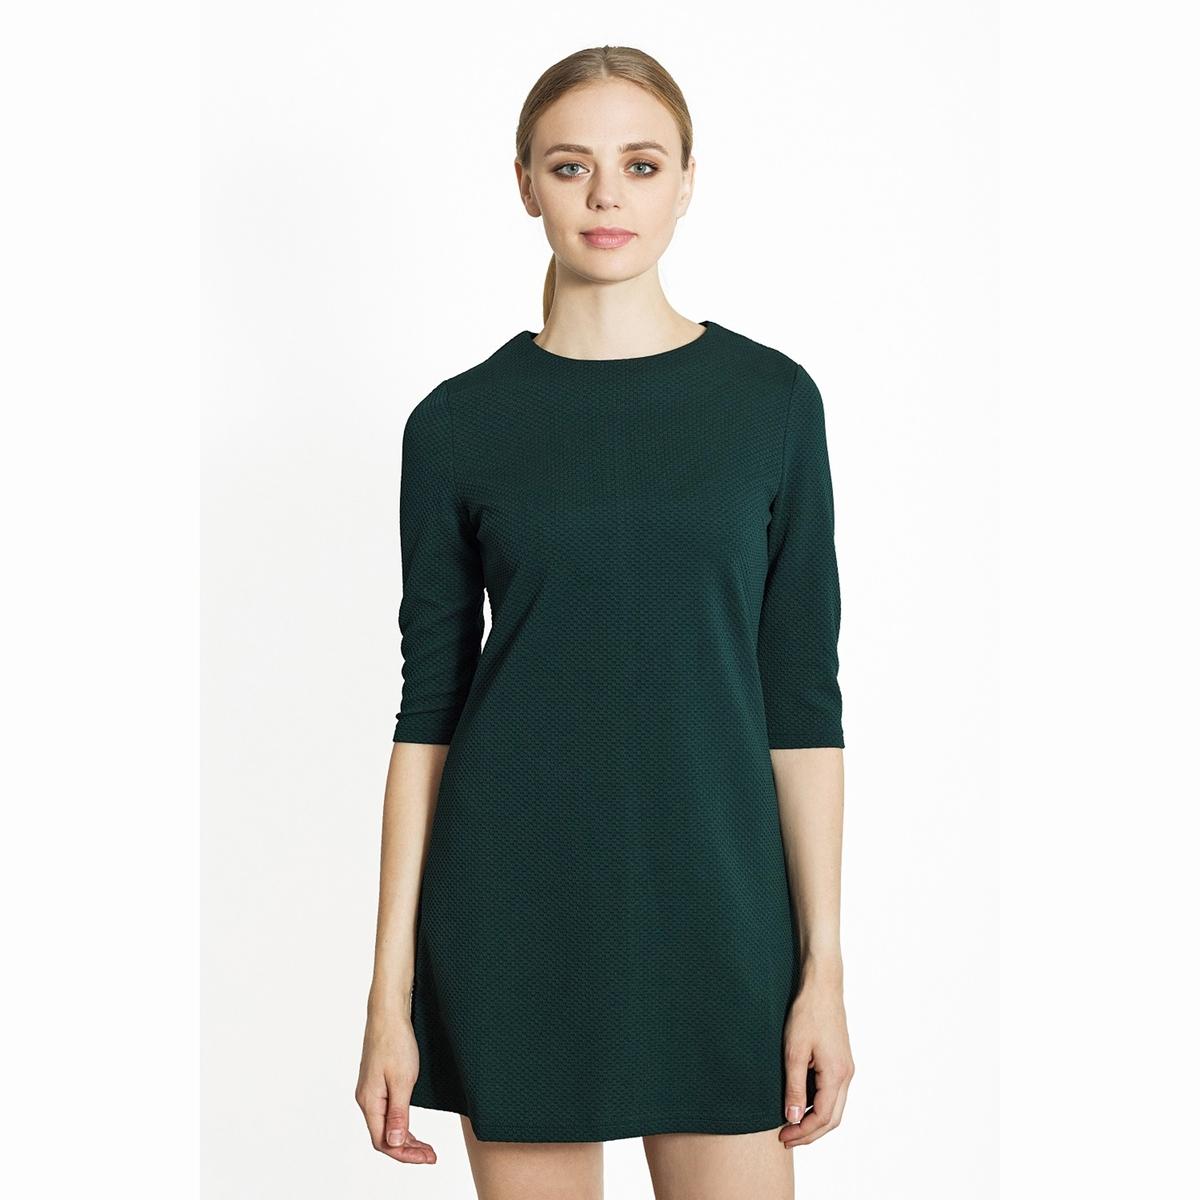 Платье короткоеСостав и описаниеМатериалы: 100% полиэстер.Марка: Migle+MeУходСледуйте рекомендациям по уходу, указанным на этикетке изделия.<br><br>Цвет: зеленый<br>Размер: L.M